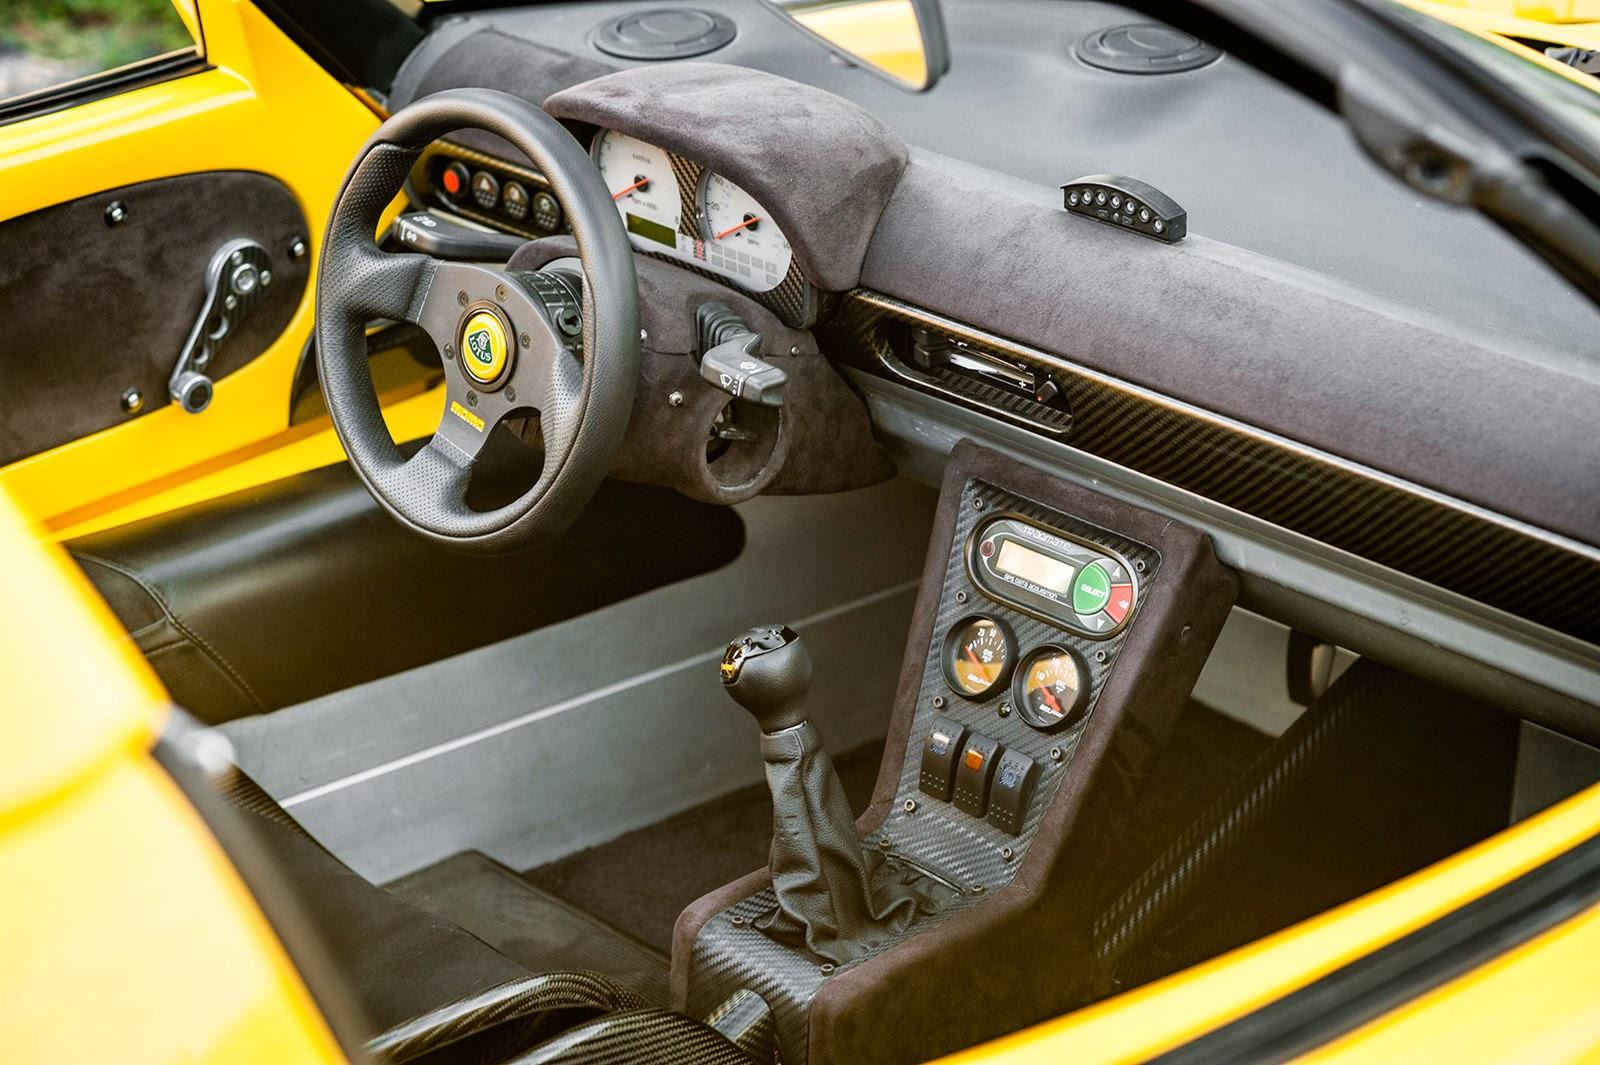 https://2.bp.blogspot.com/--85wlStBPEE/VDcoLA8kfeI/AAAAAAAAopc/kJ-lfbFSsio/s1600/1999-Lotus-Elise-GT-interior.JPG